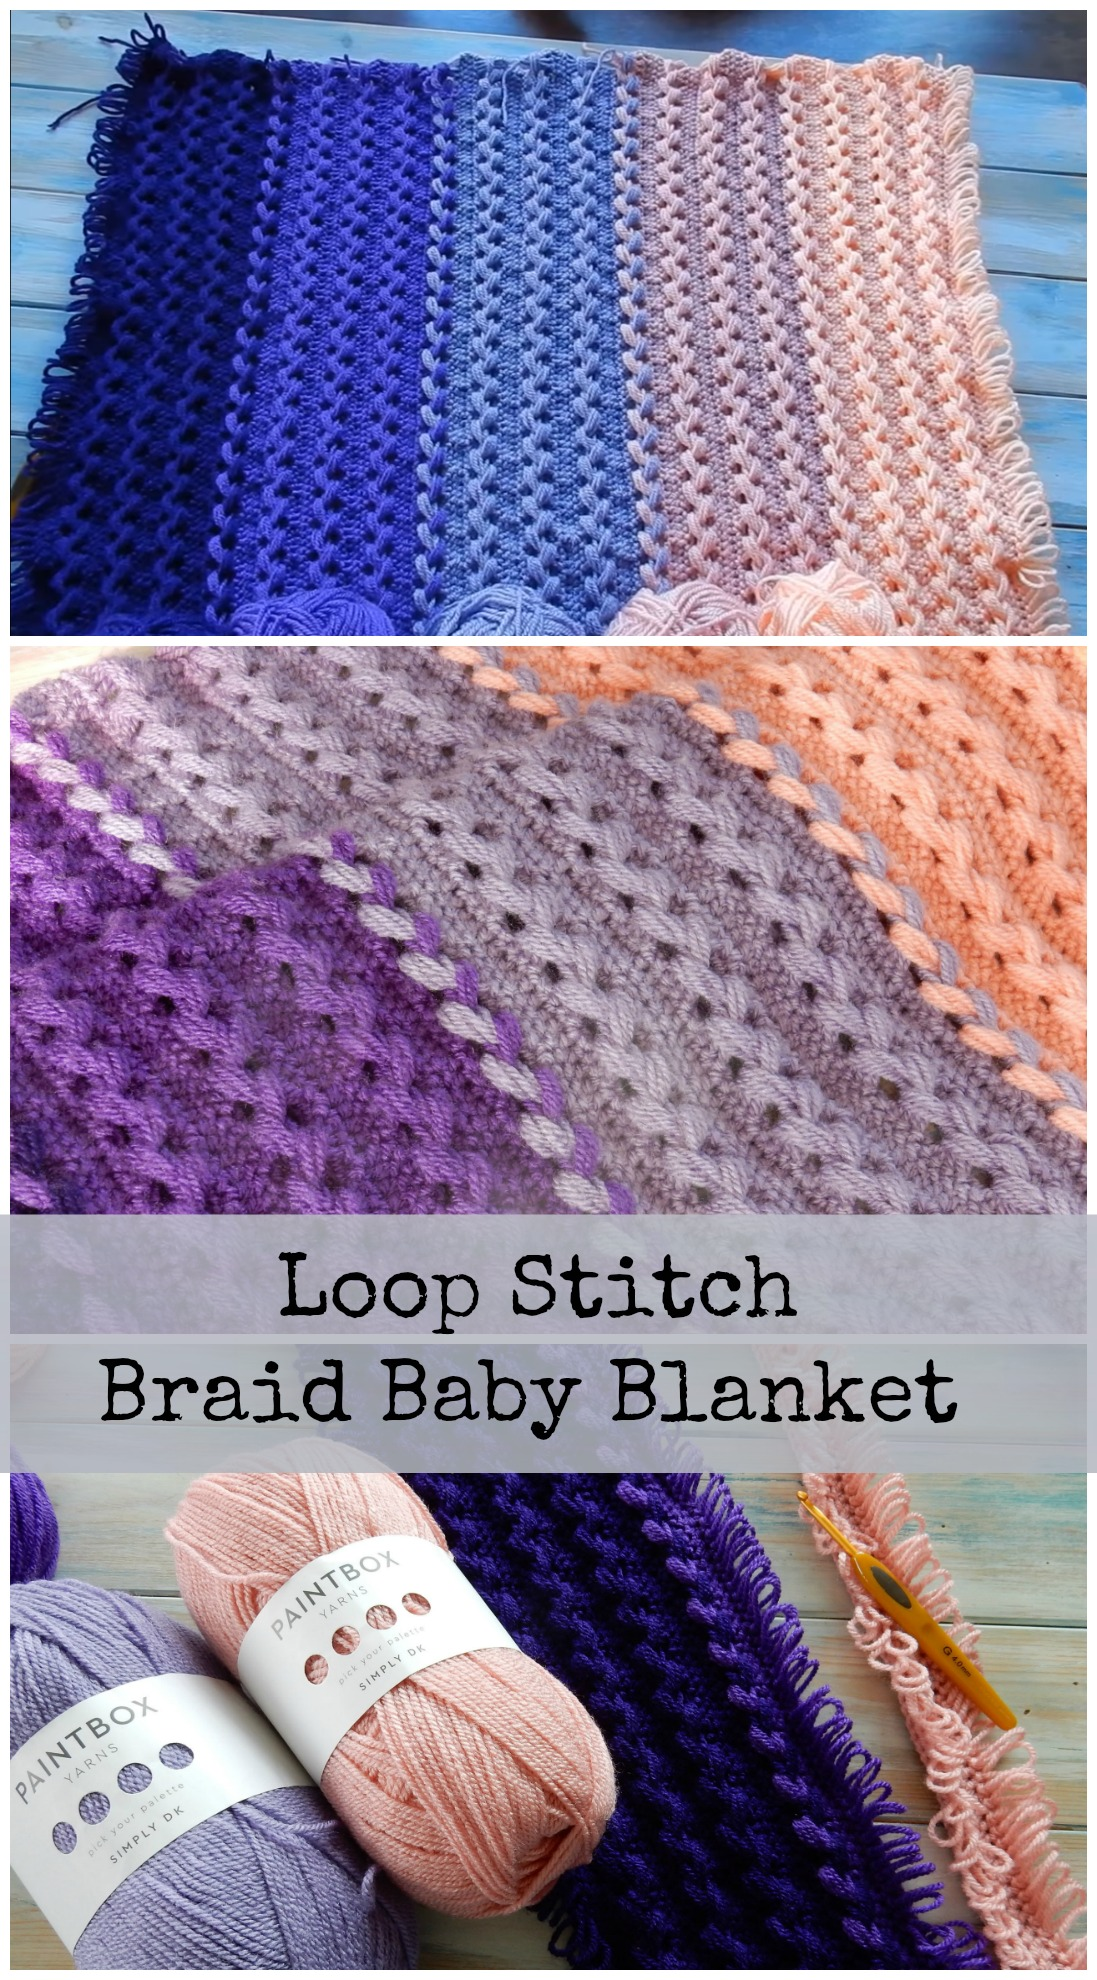 Loop Stitch Braid Baby Blanket Pretty Ideas